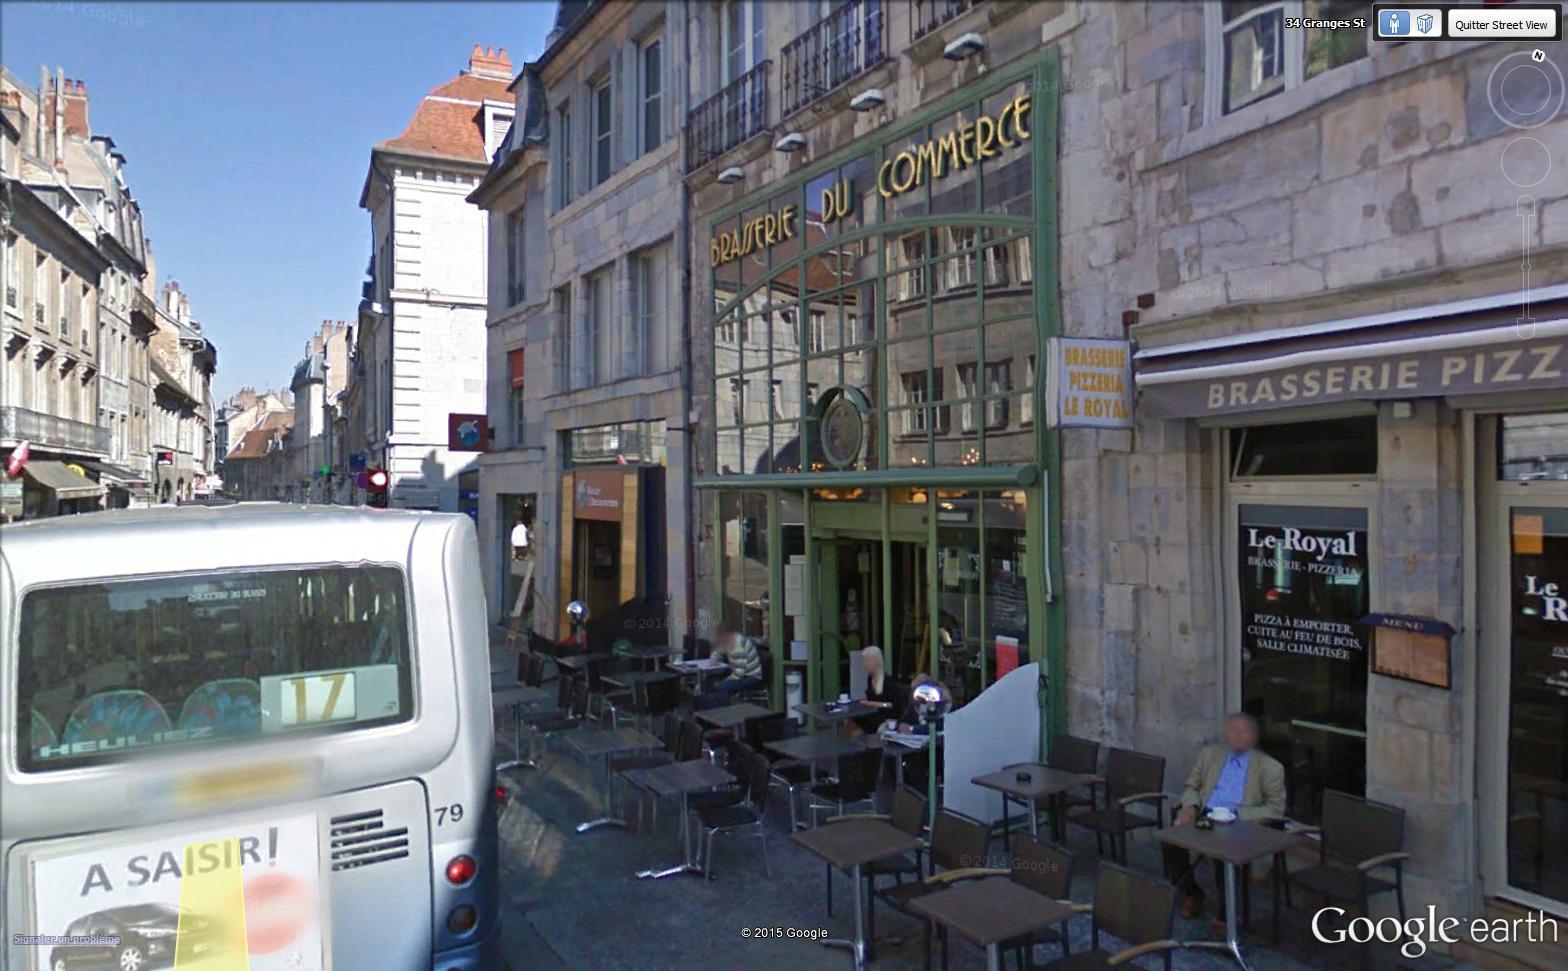 Brasserie du Commerce : à la poursuite d'une institution française Besac10